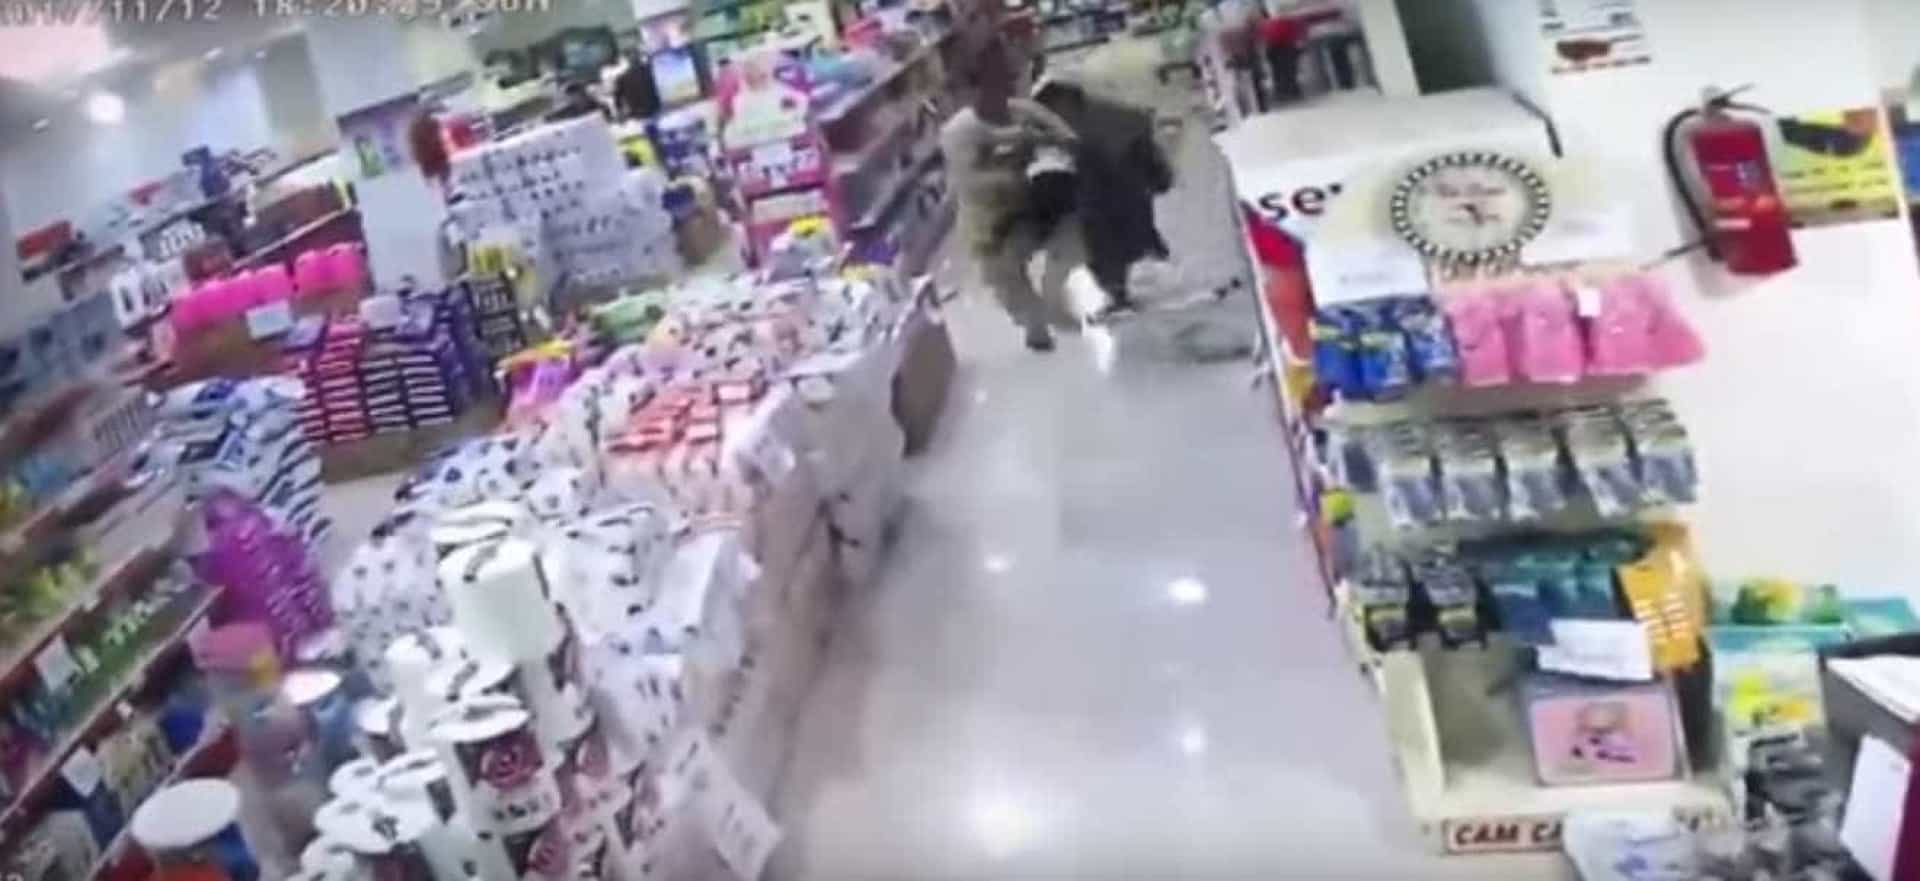 Eis o momento em que a terra tremeu captado dentro de um supermercado